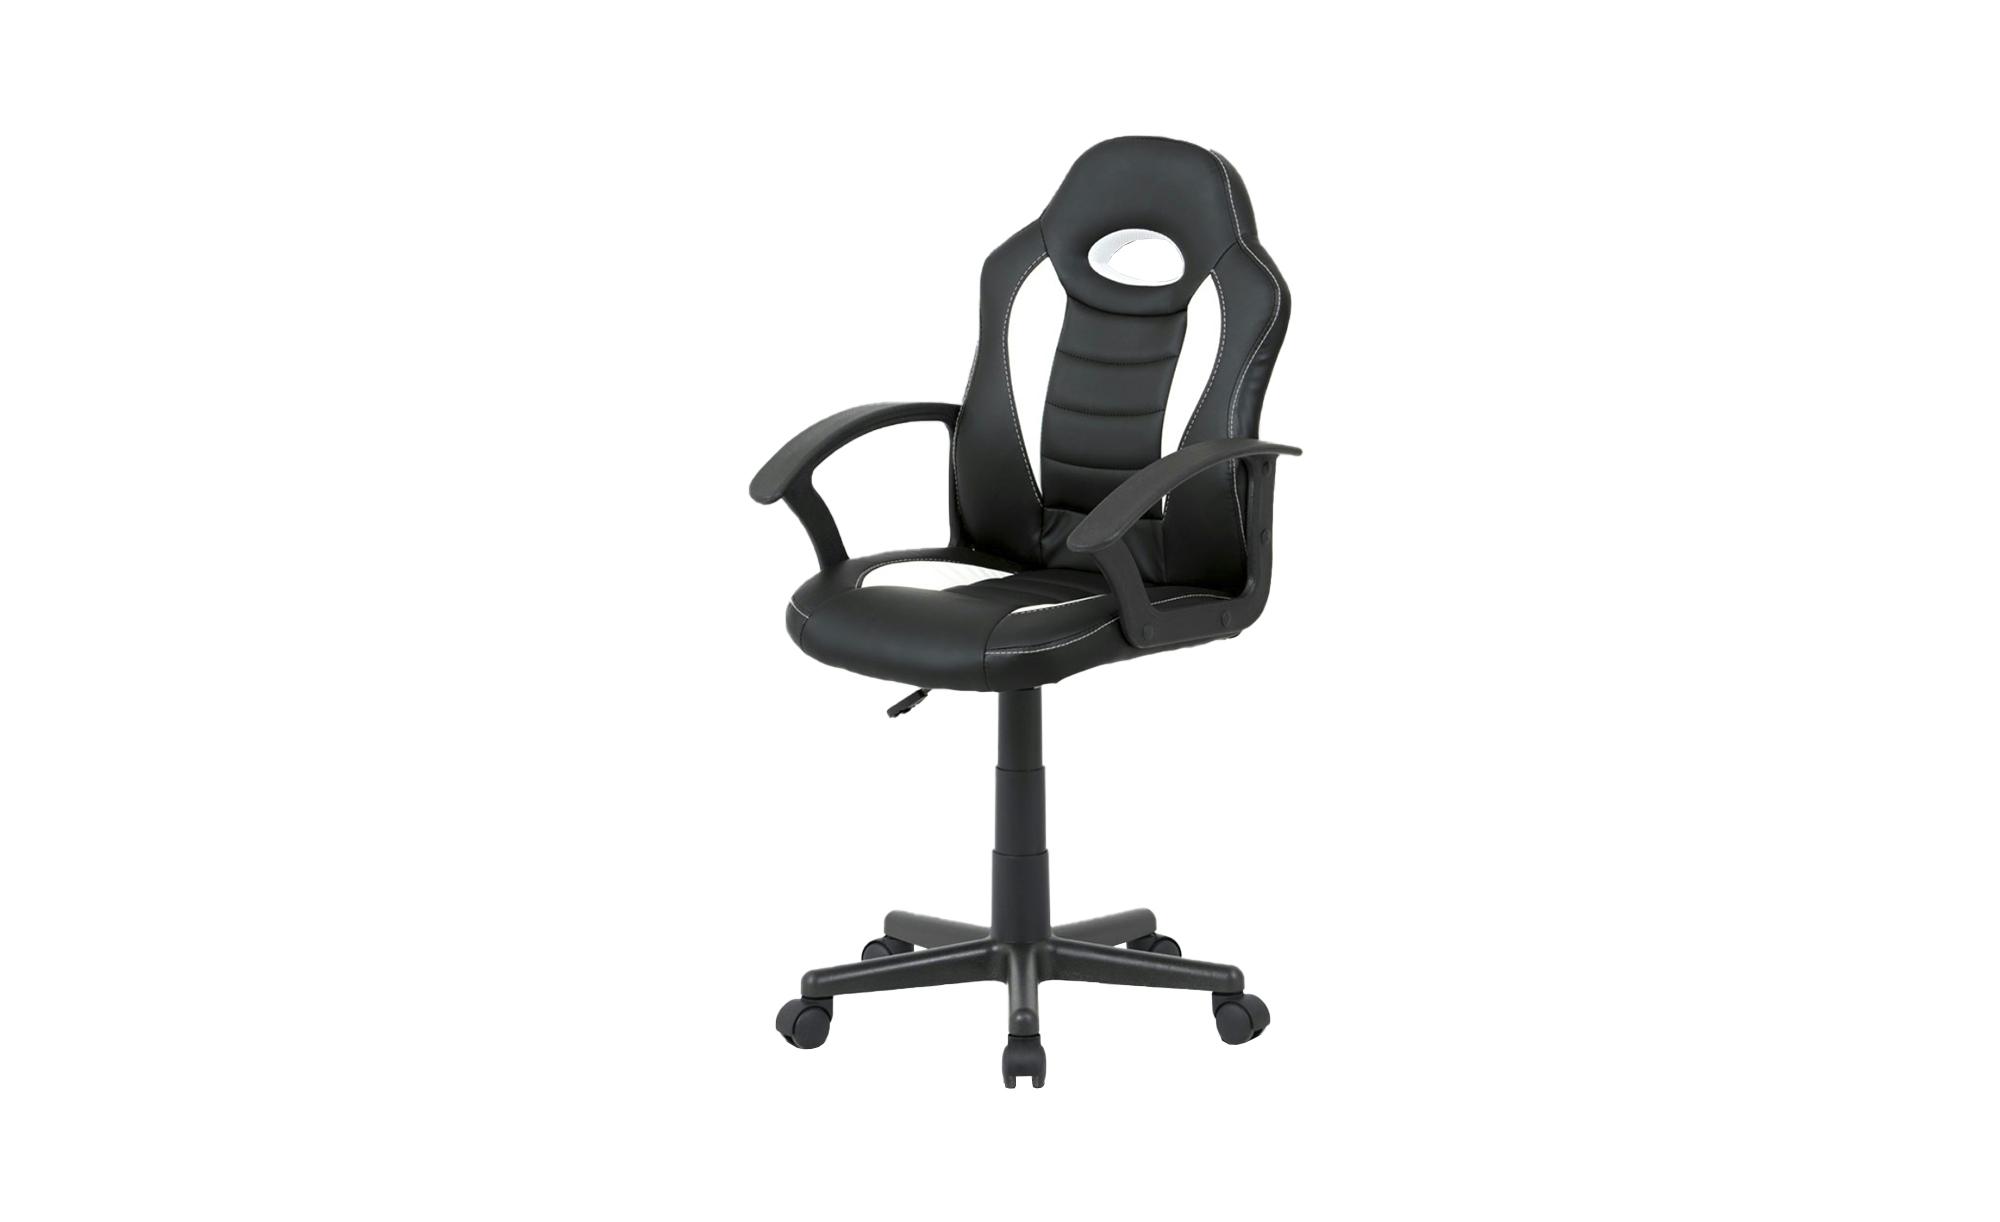 Sconto Kancelářská židle FRODO